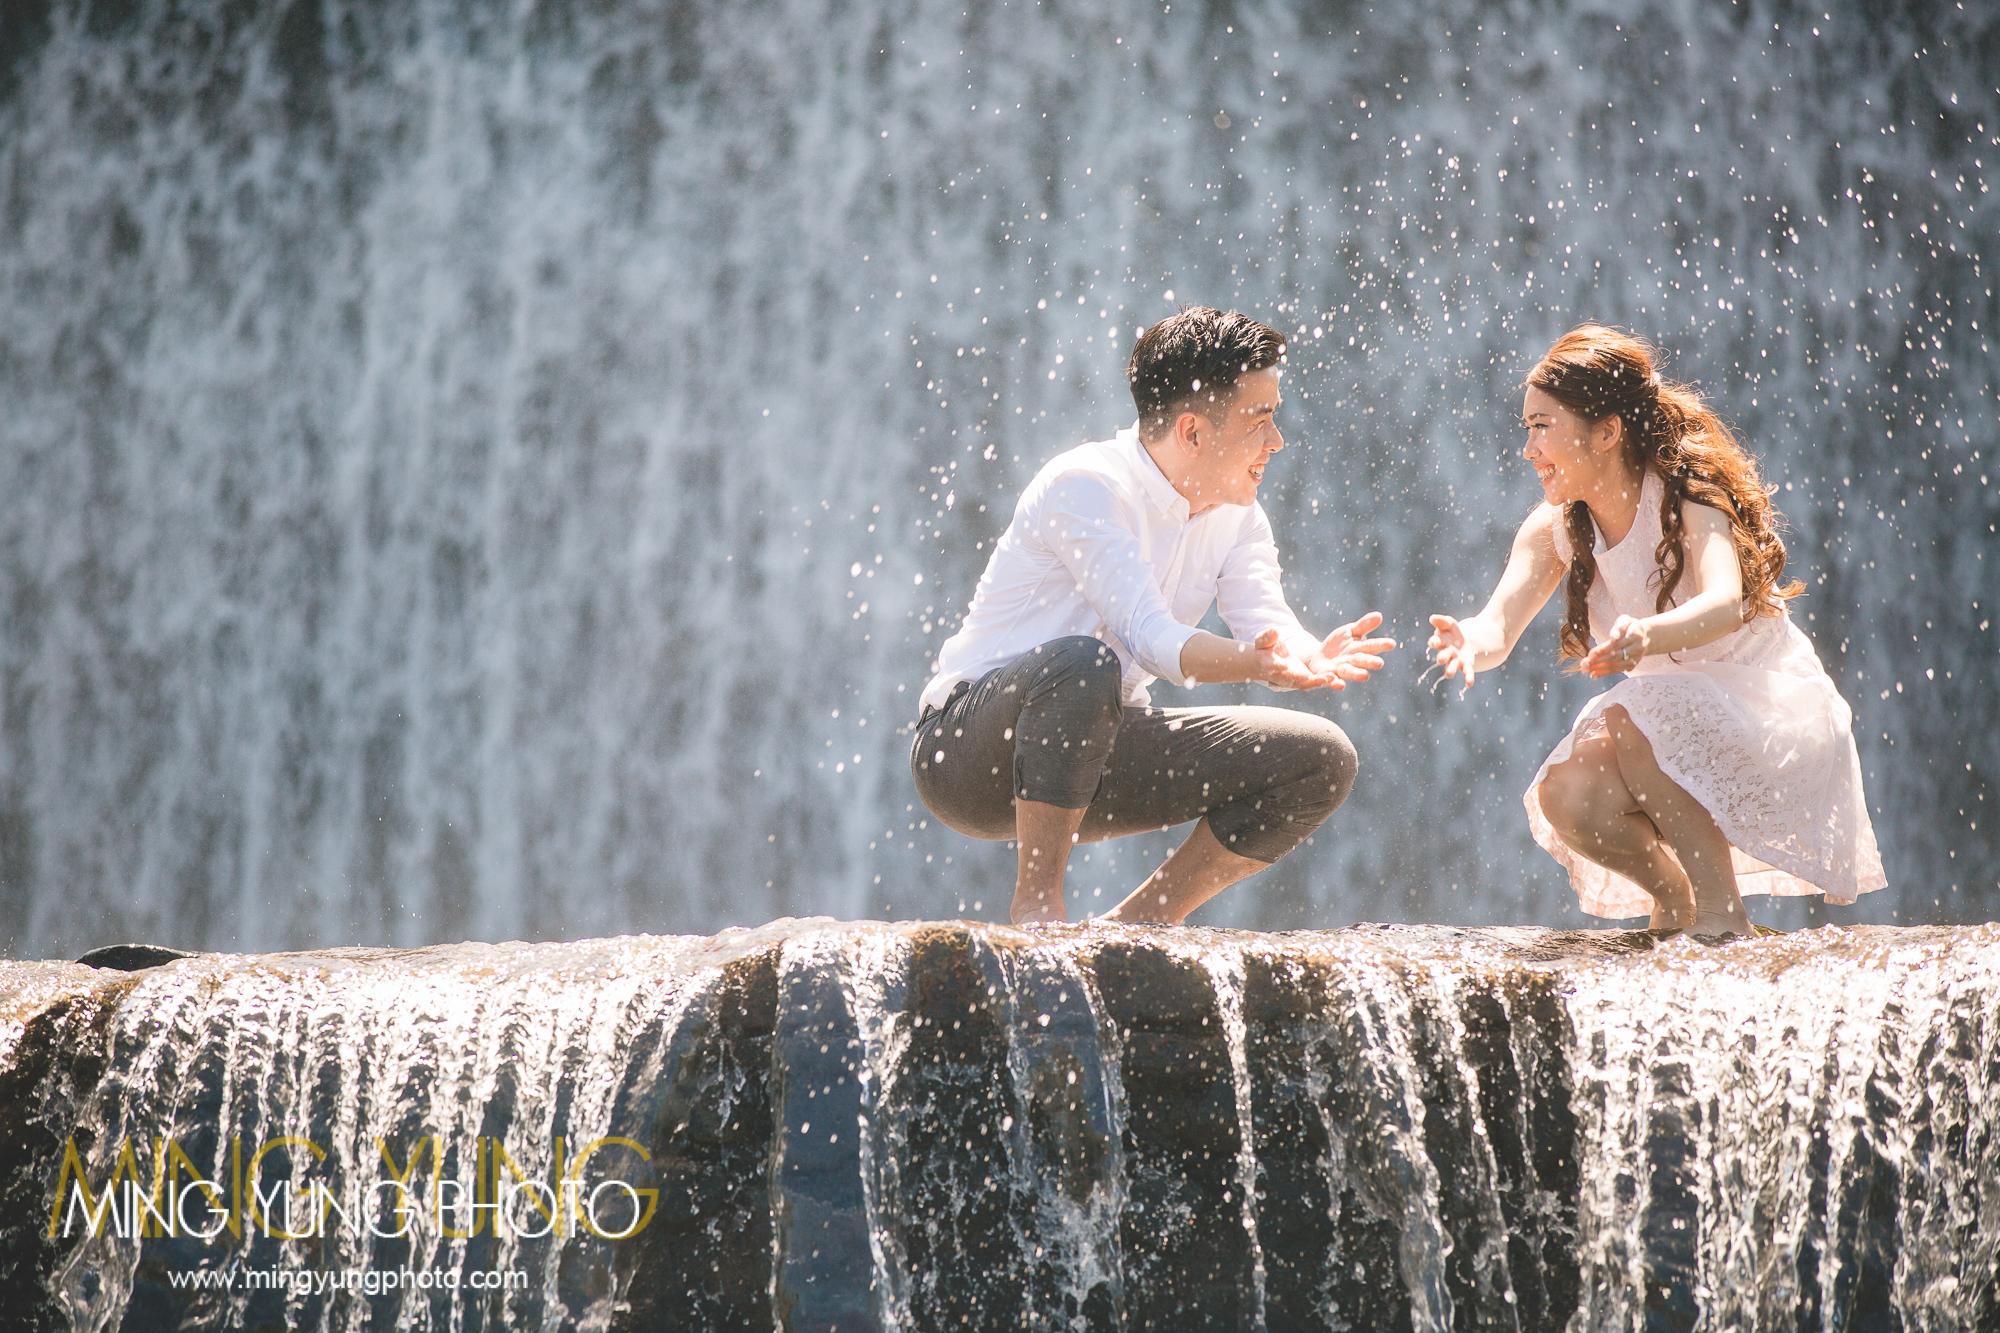 mingyungphoto-20160519-0008